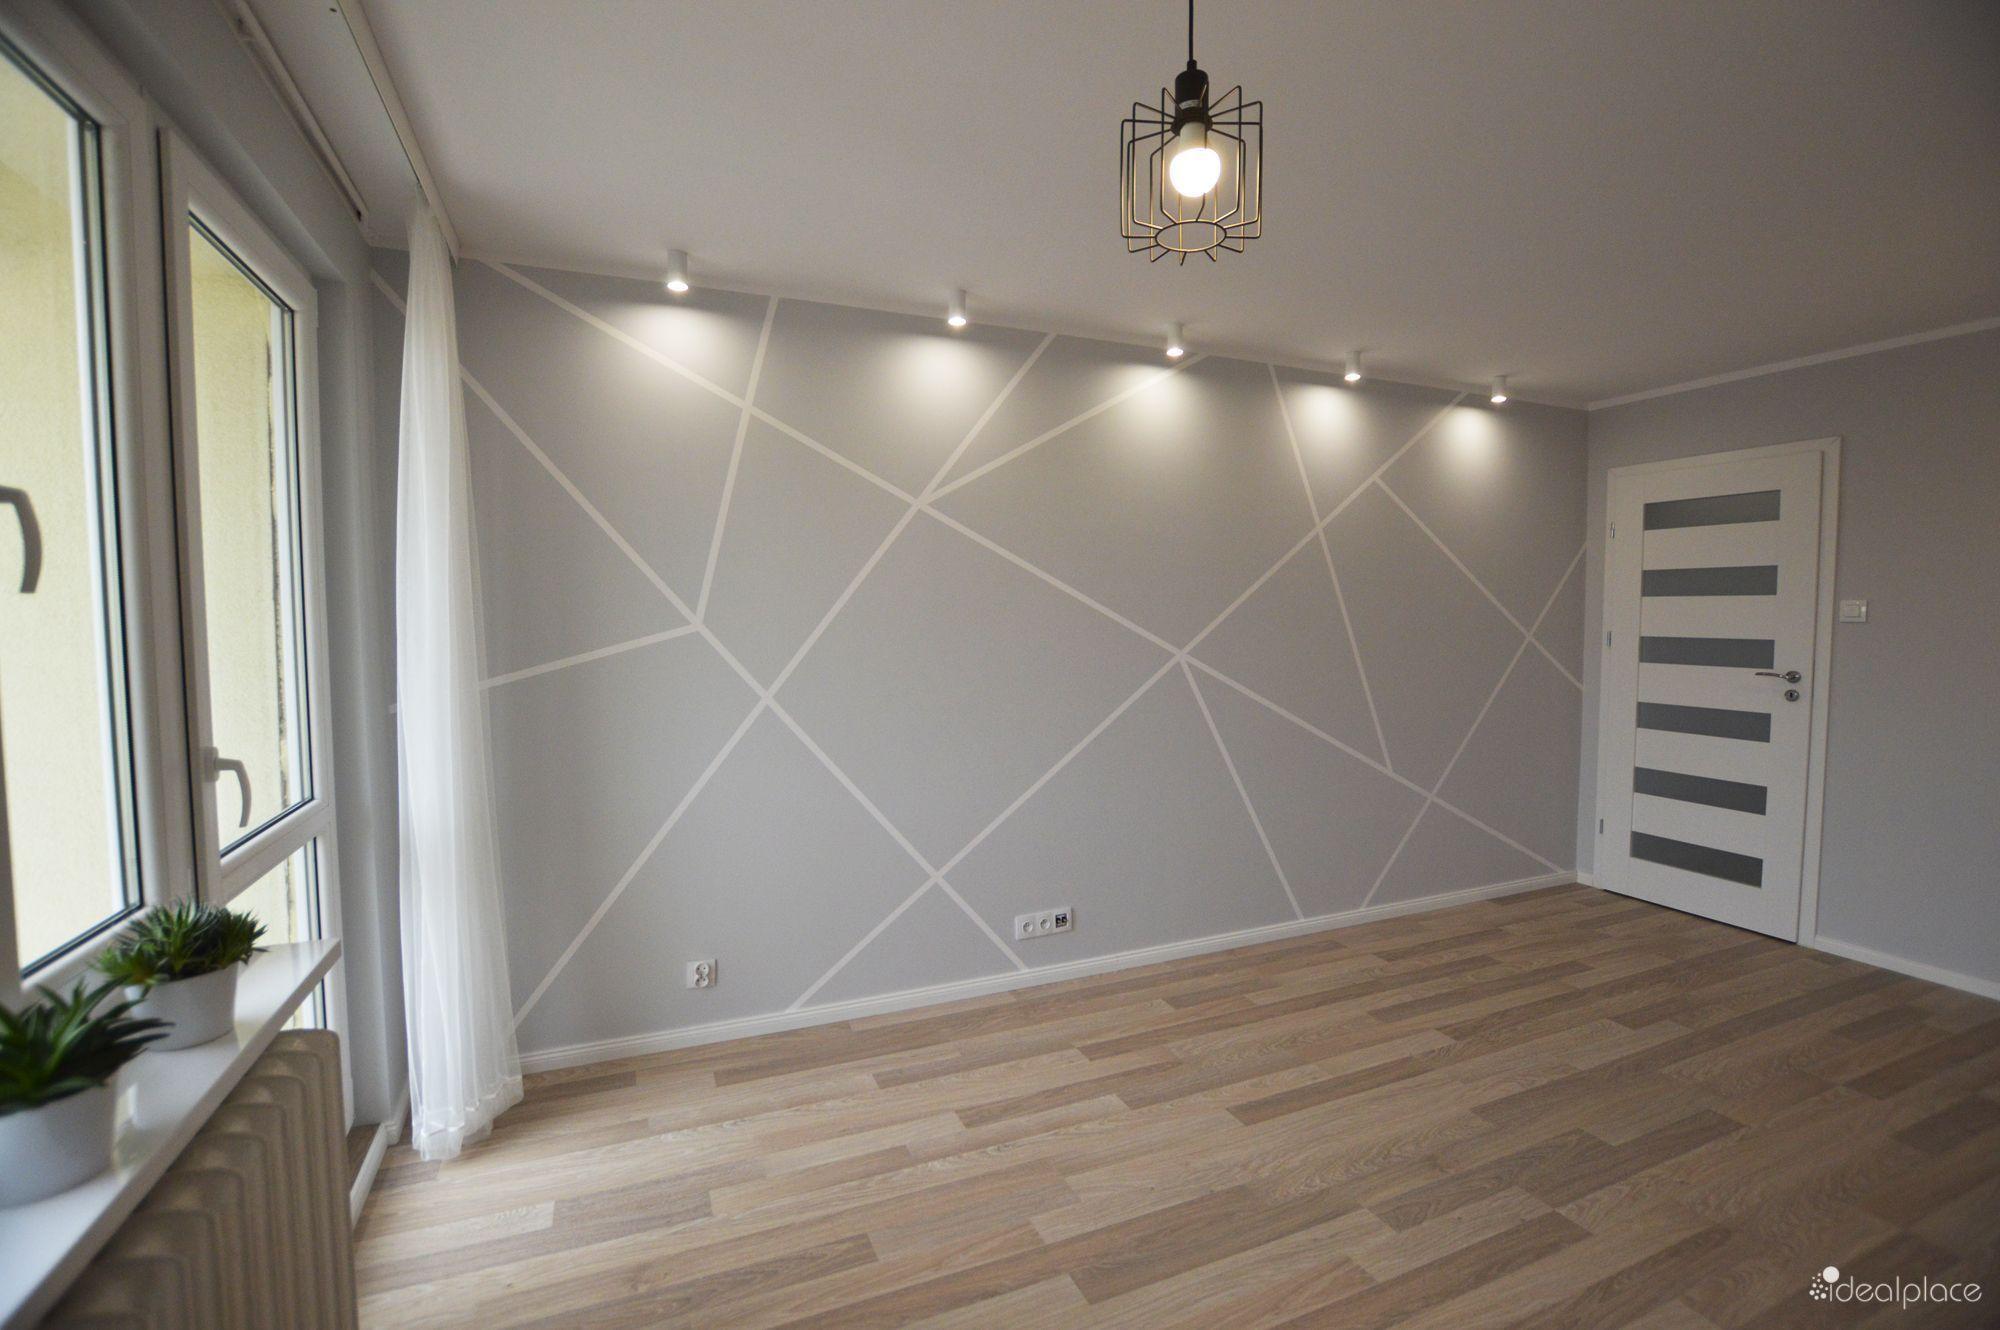 Home Accents On A Budget Home Accents Homeaccents Farbe Gemacht Geometri Wandgestaltung Design Malerei Schlafzimmer Wände Wandgestaltung Wohnzimmer Farbe